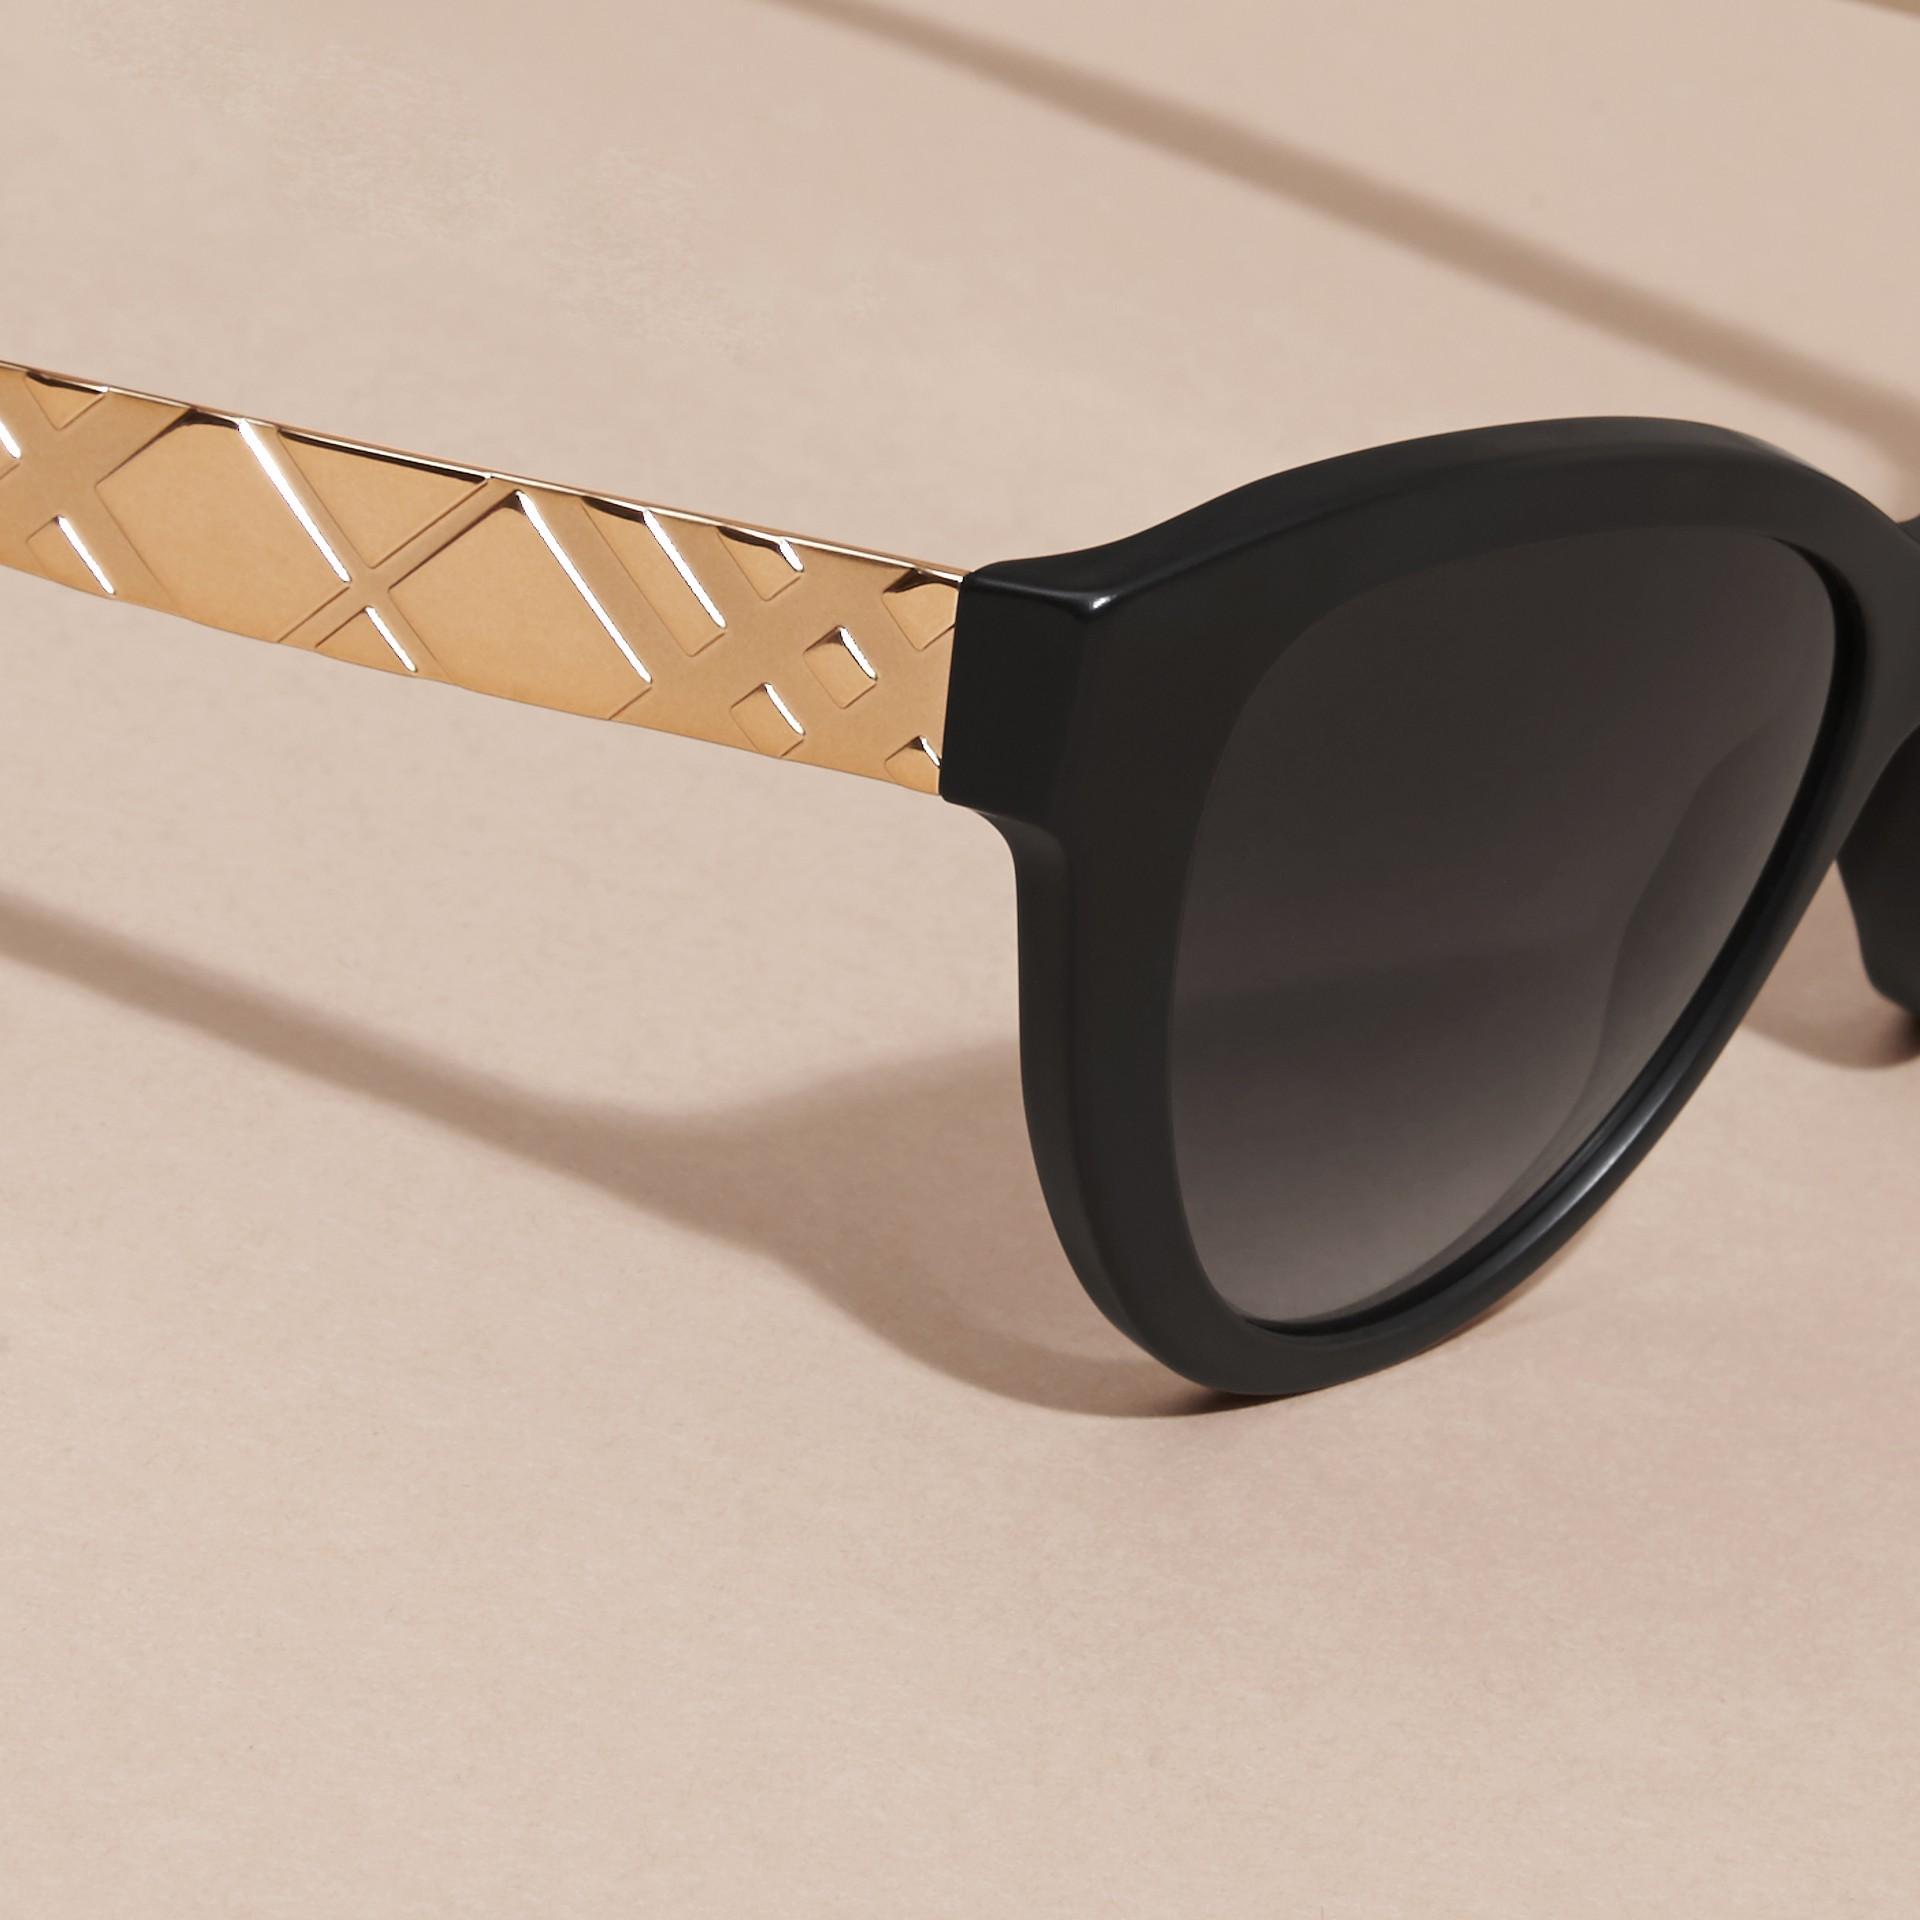 Nero Occhiali da sole con montatura cat-eye e motivo check tridimensionale Nero - immagine della galleria 4